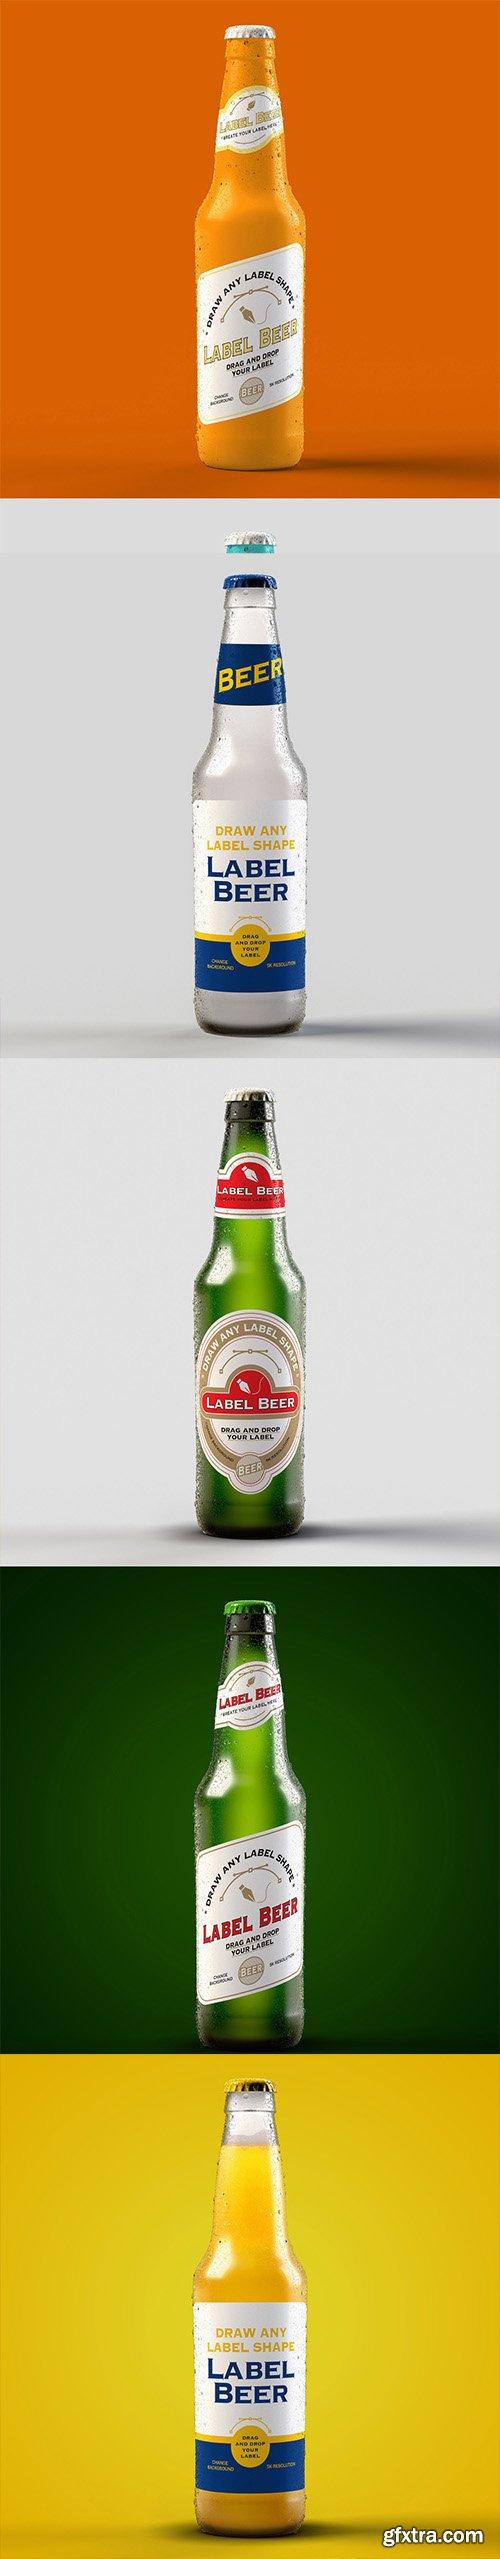 Beer Bottle Packaging Design Mockups